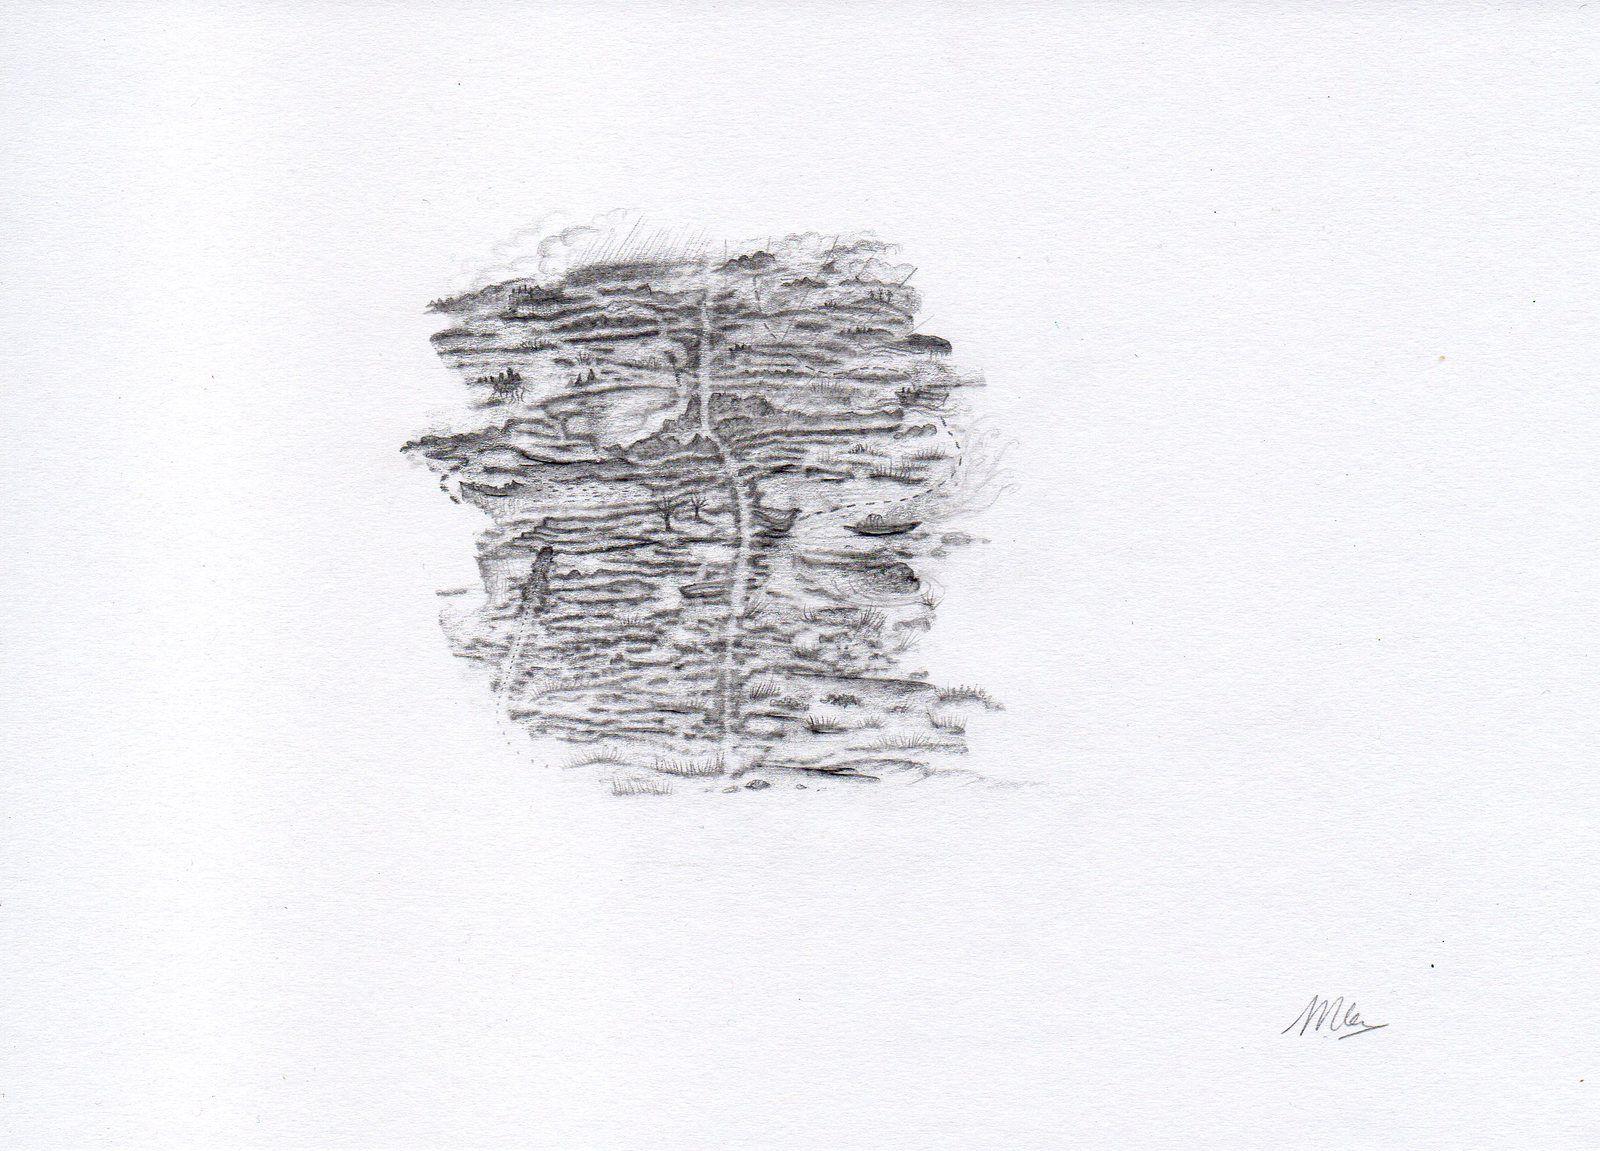 Série Nuits xylophages, mine graphite sur papier, 15x22cm, 2017